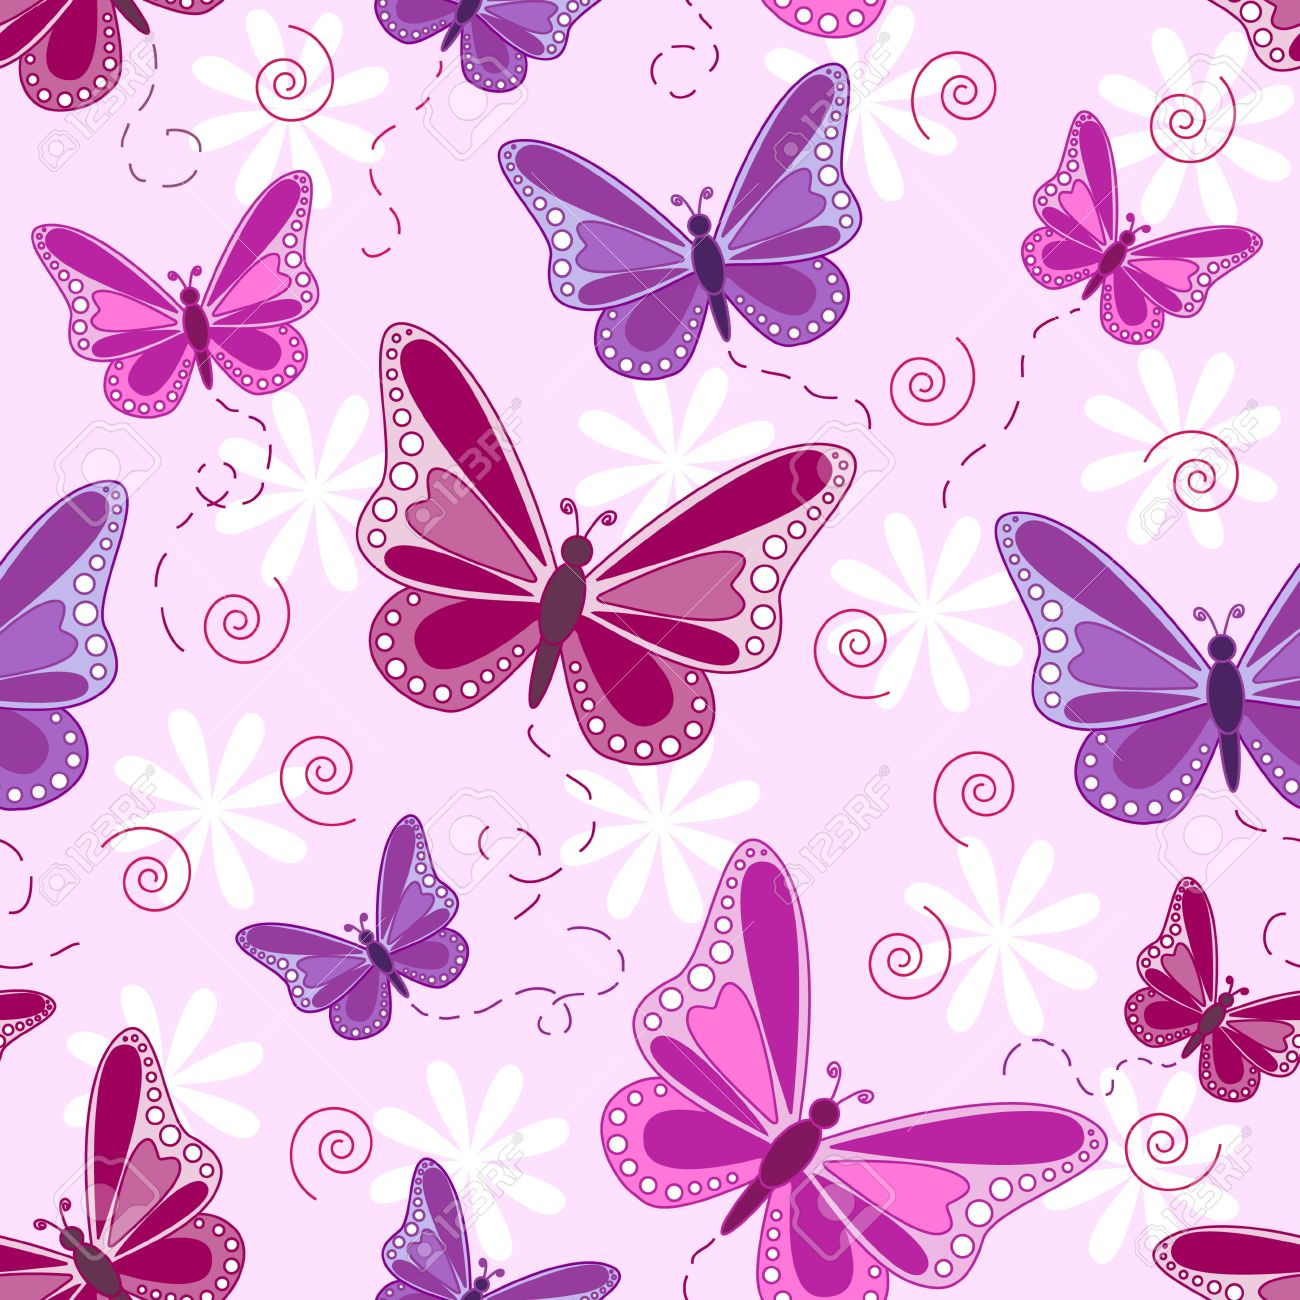 Vettoriale Seamless Pattern Di Volo Di Farfalle In Tonalità Di